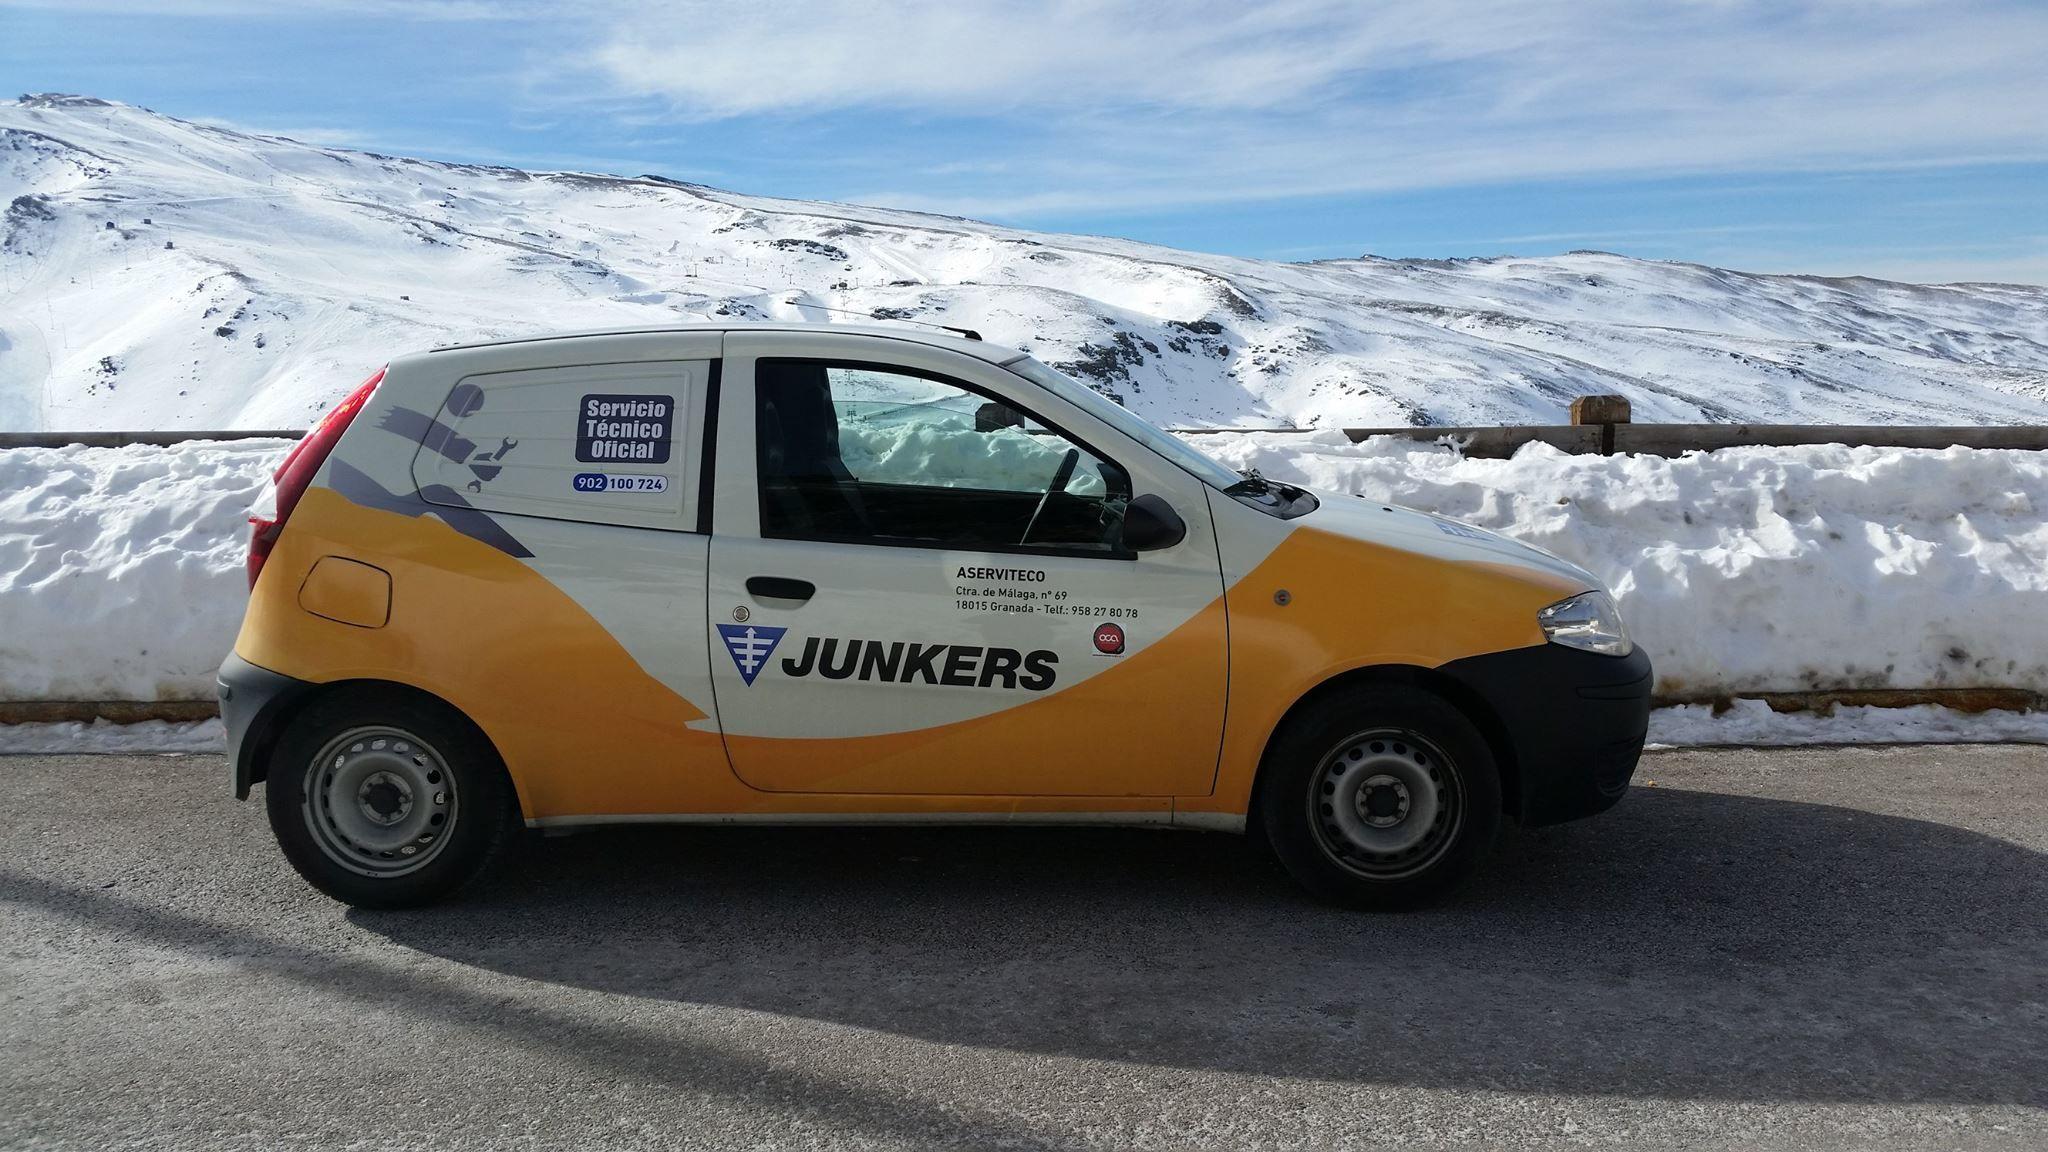 Productos de calefacción Junkers: Productos y servicios de Servicio técnico oficial Junkers Bosch Jaén